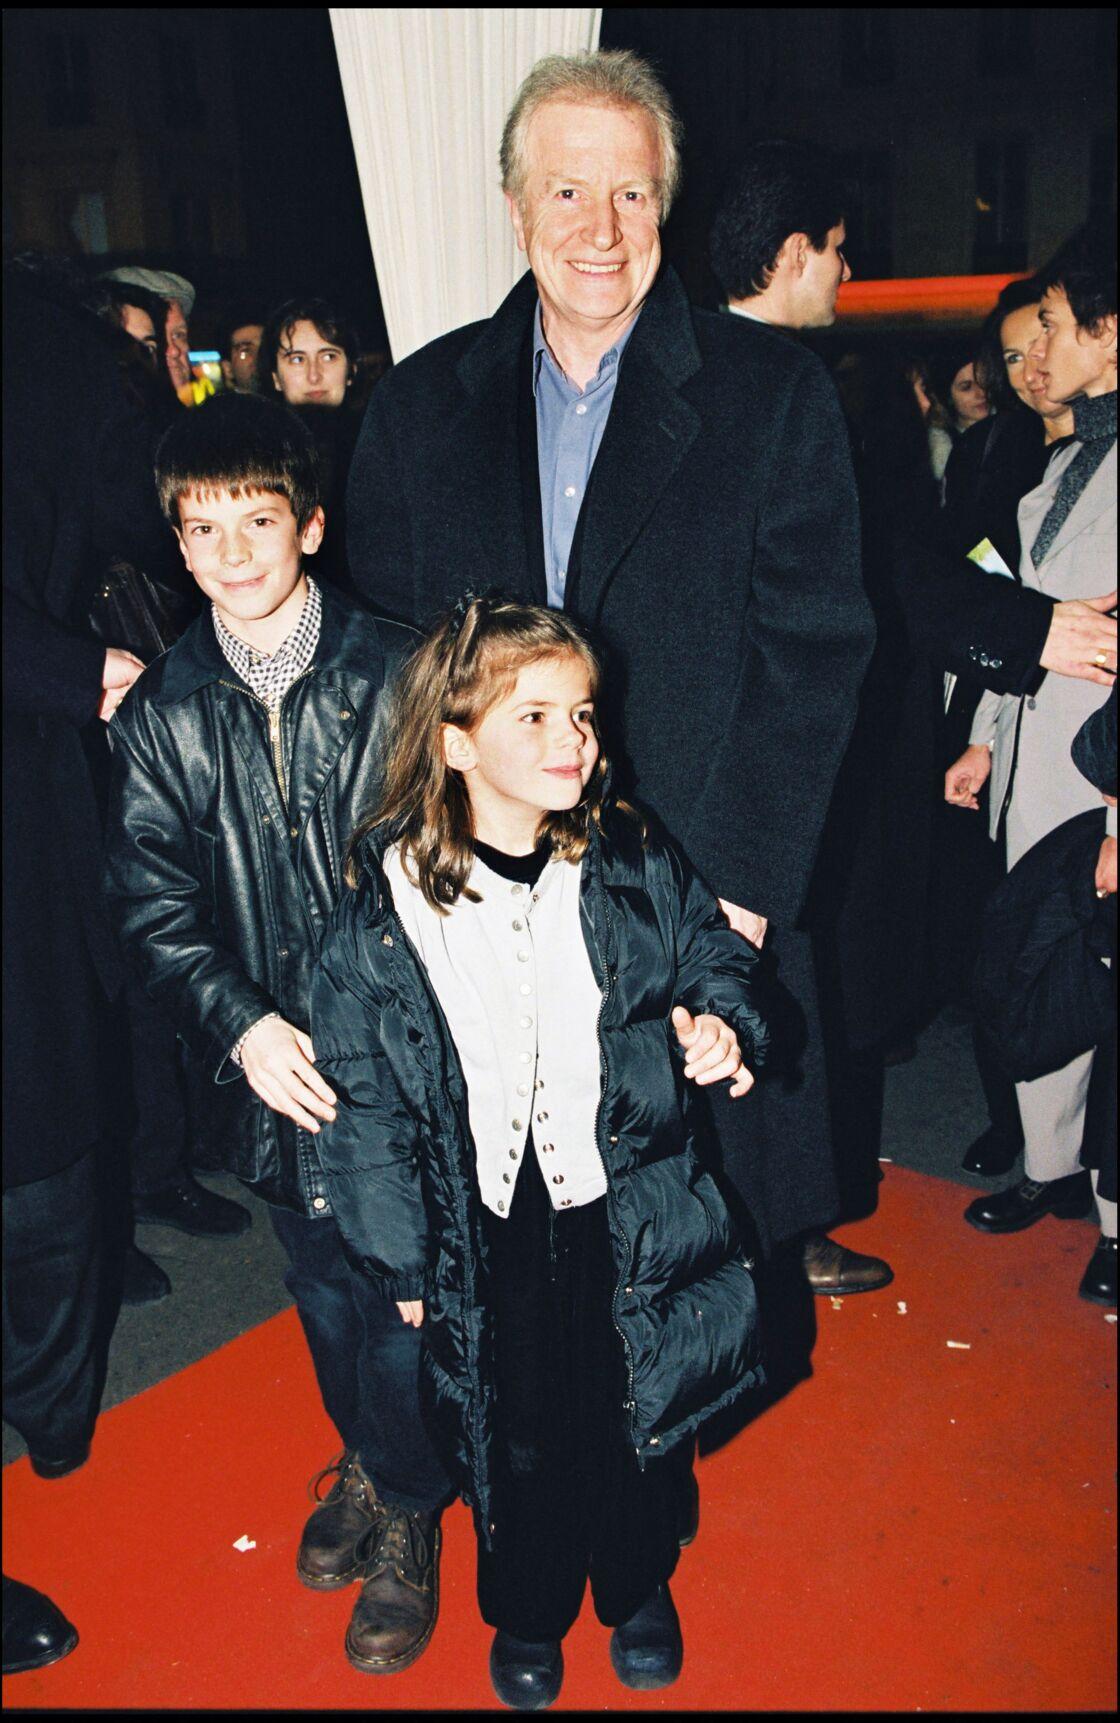 André Dussollier et ses enfants Léo et Giulia Dussollier à l'avant-première du film Astérix et Obélix à Paris, en 1999